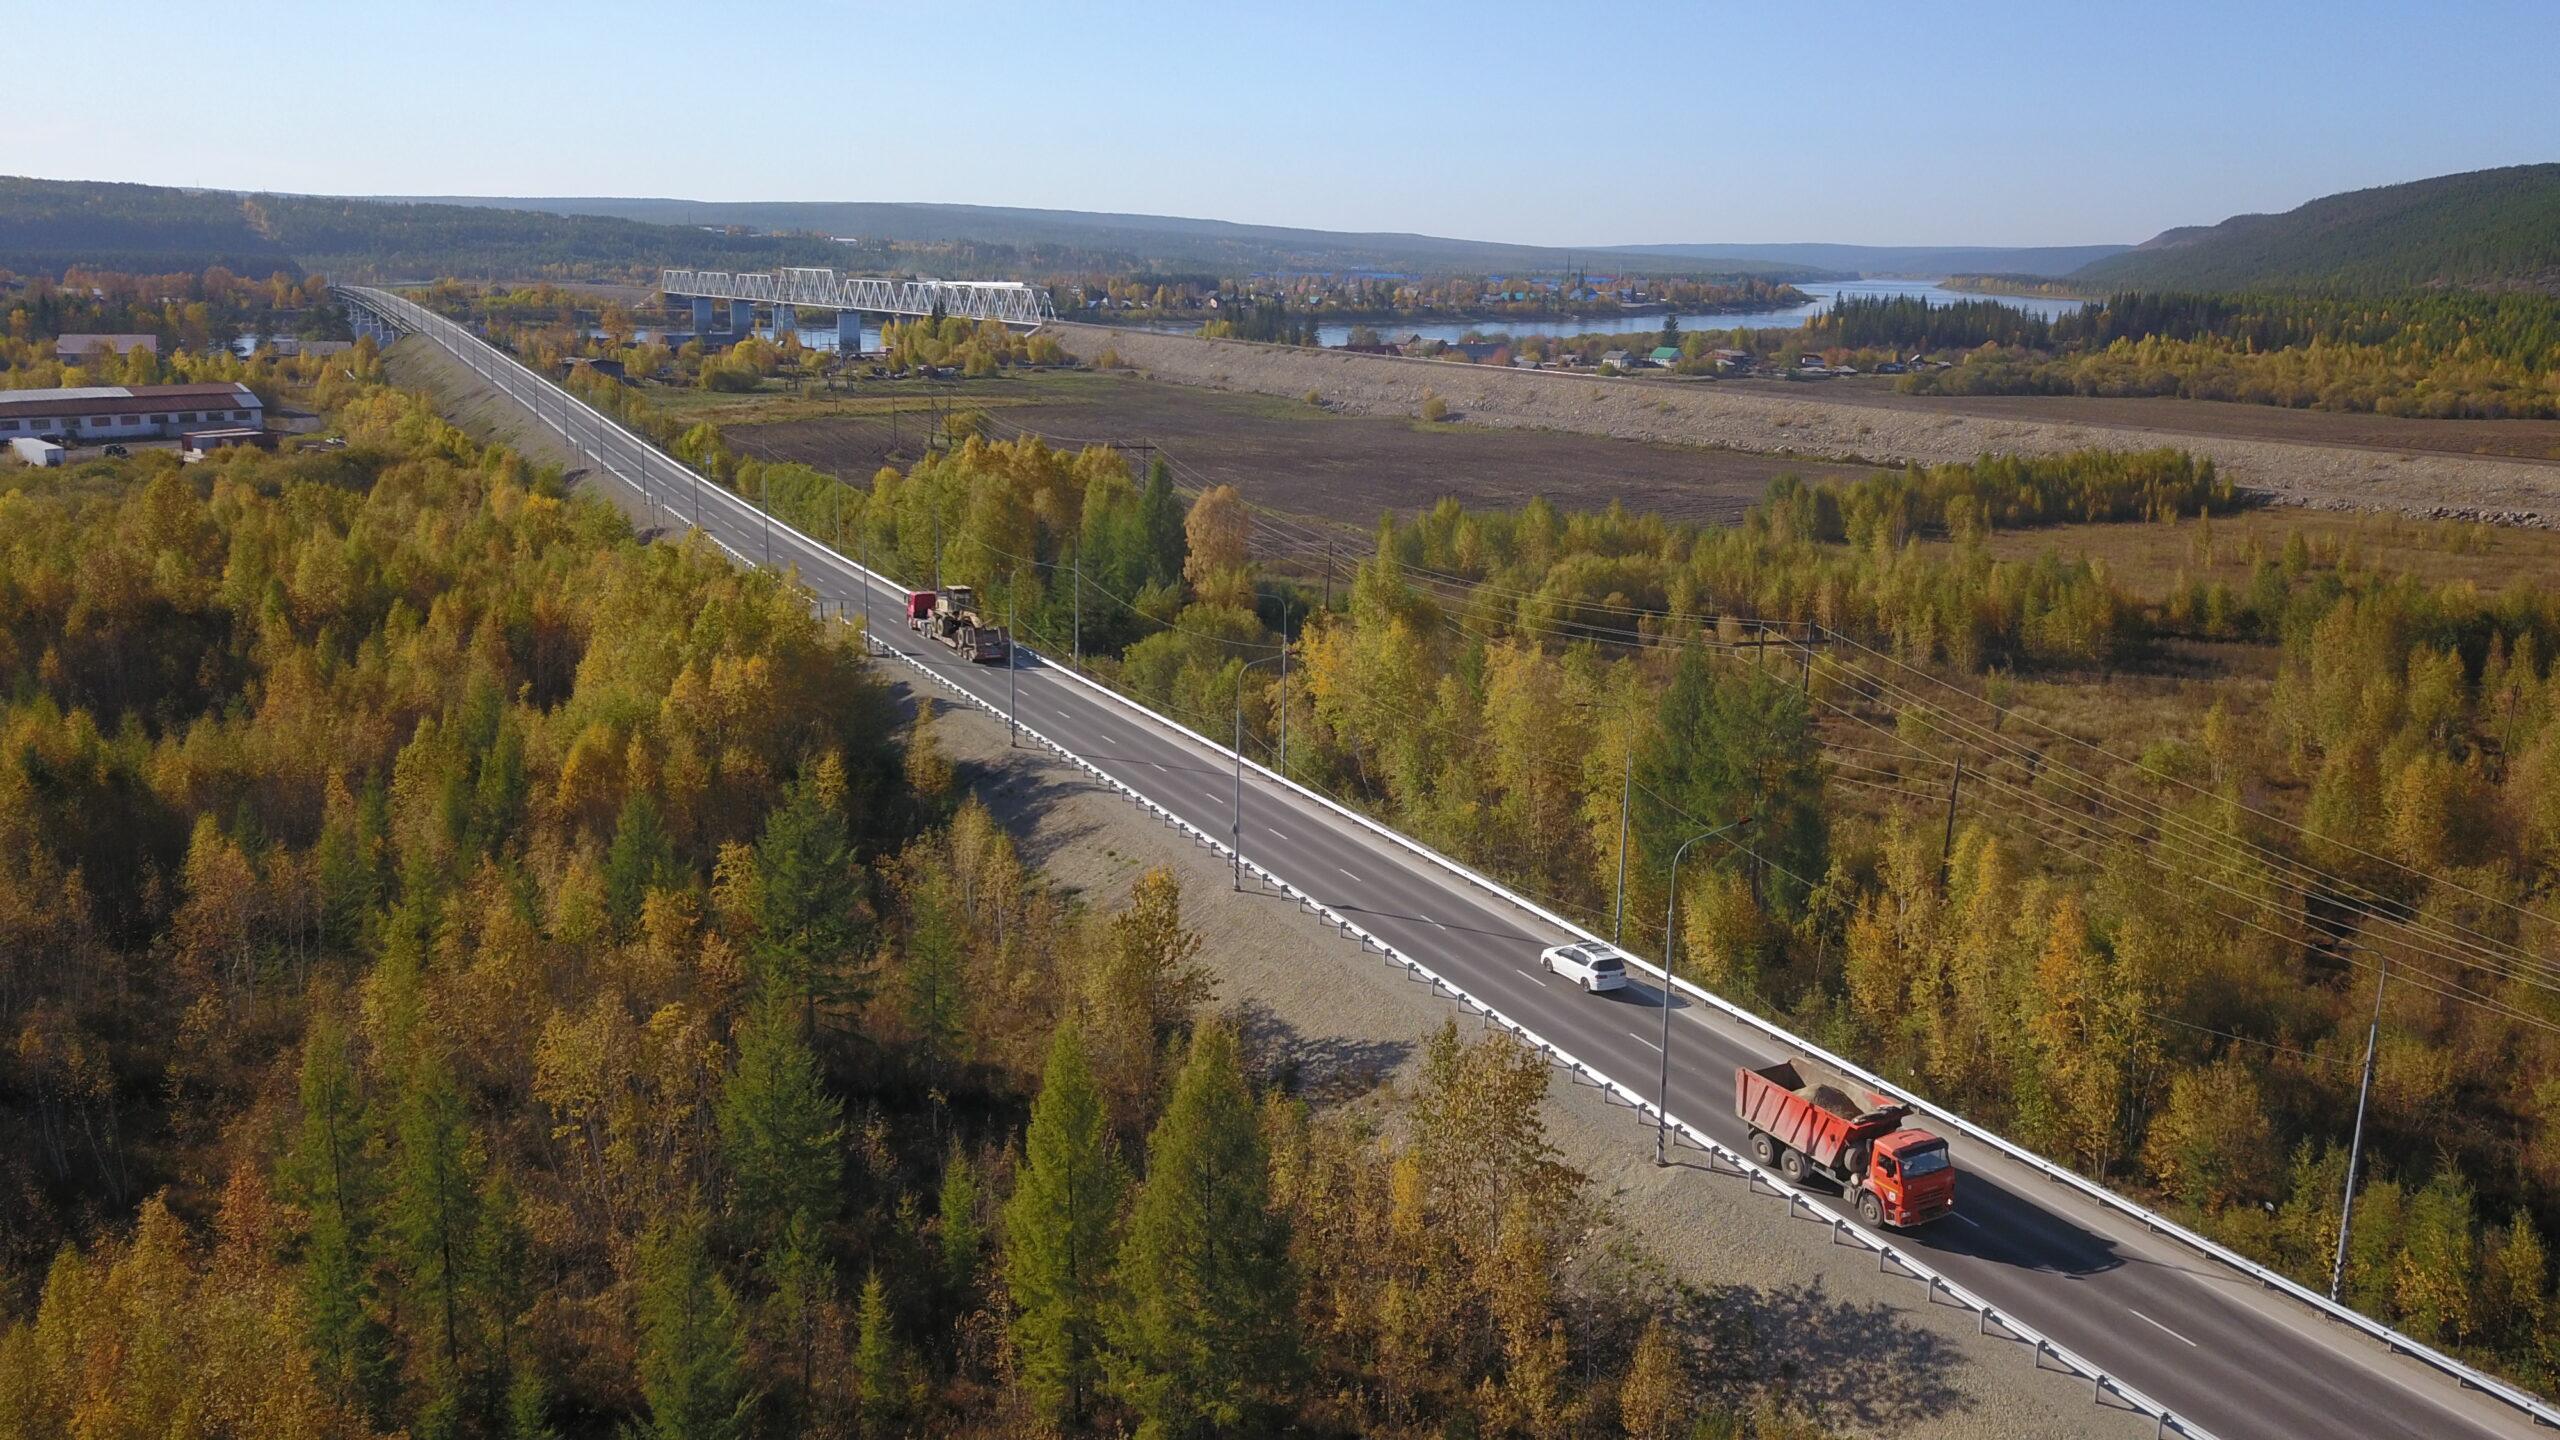 Участок трассы «Лена» отремонтировали в Алданском районе Якутии